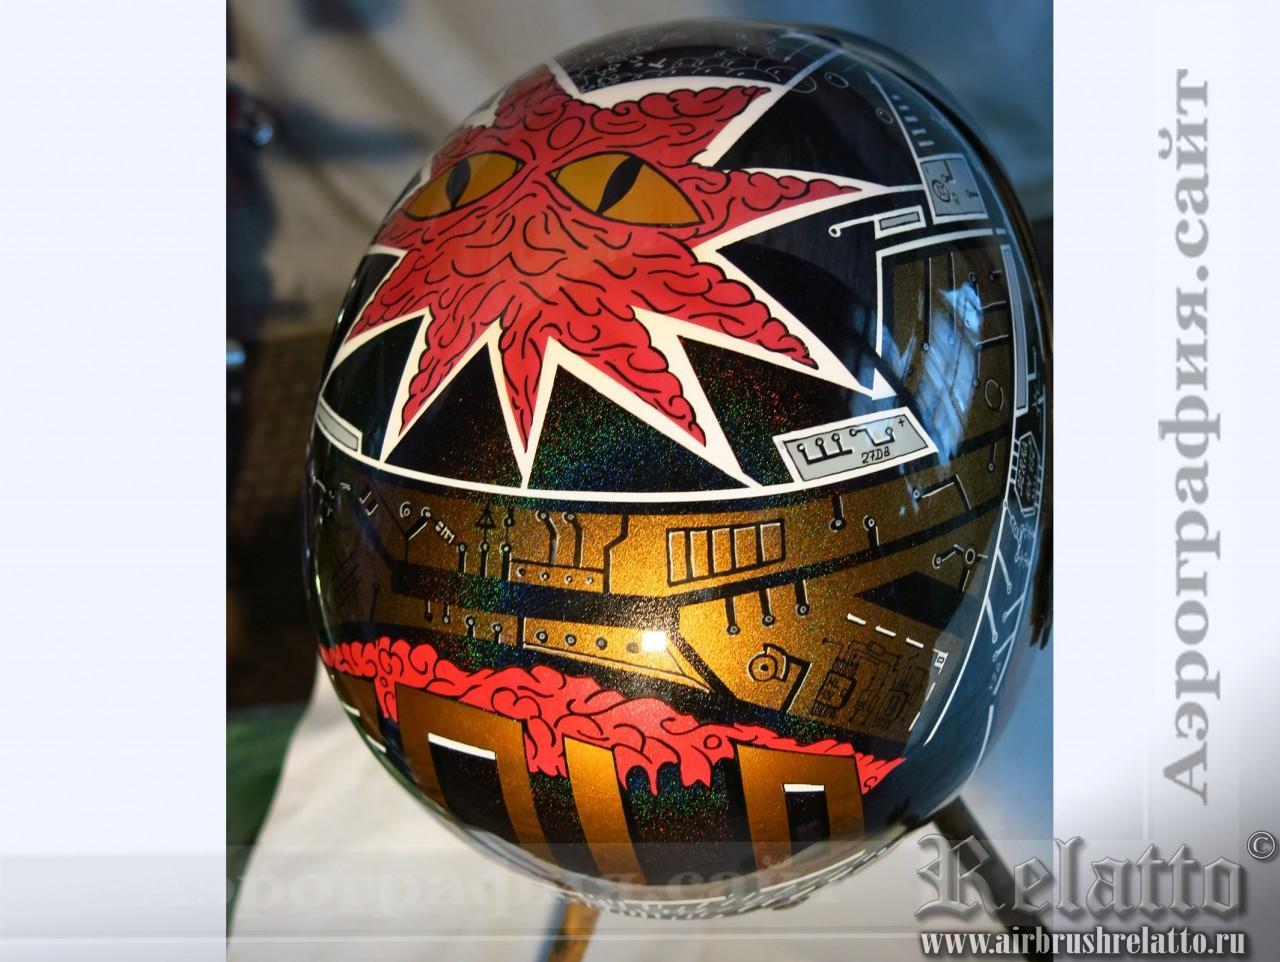 оригинальный дизайн  шлема Harley Davidson